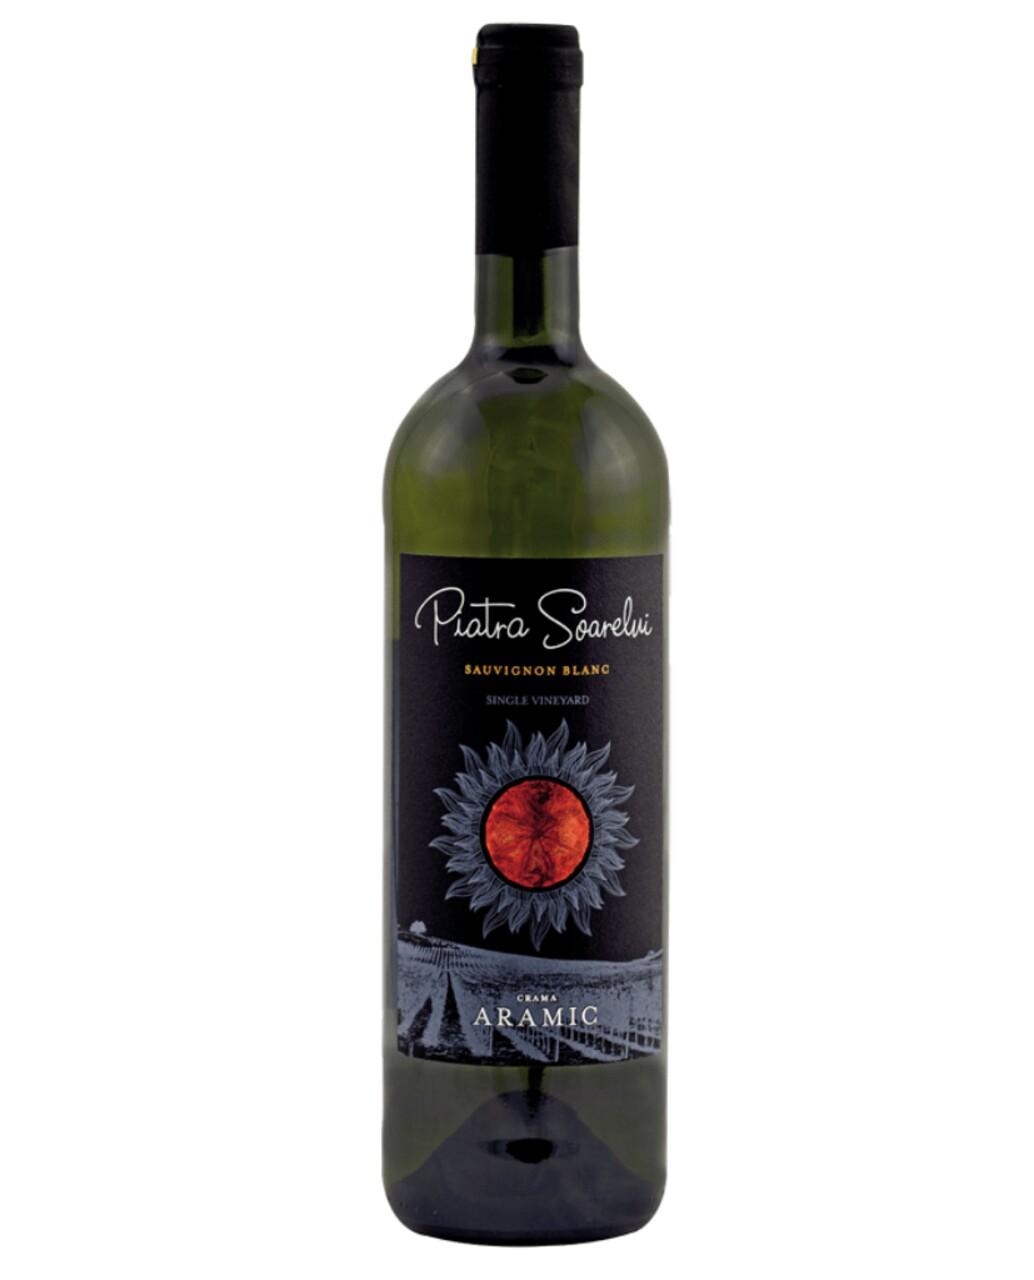 Aramic Piatra Soarelui Sauvignon Blanc